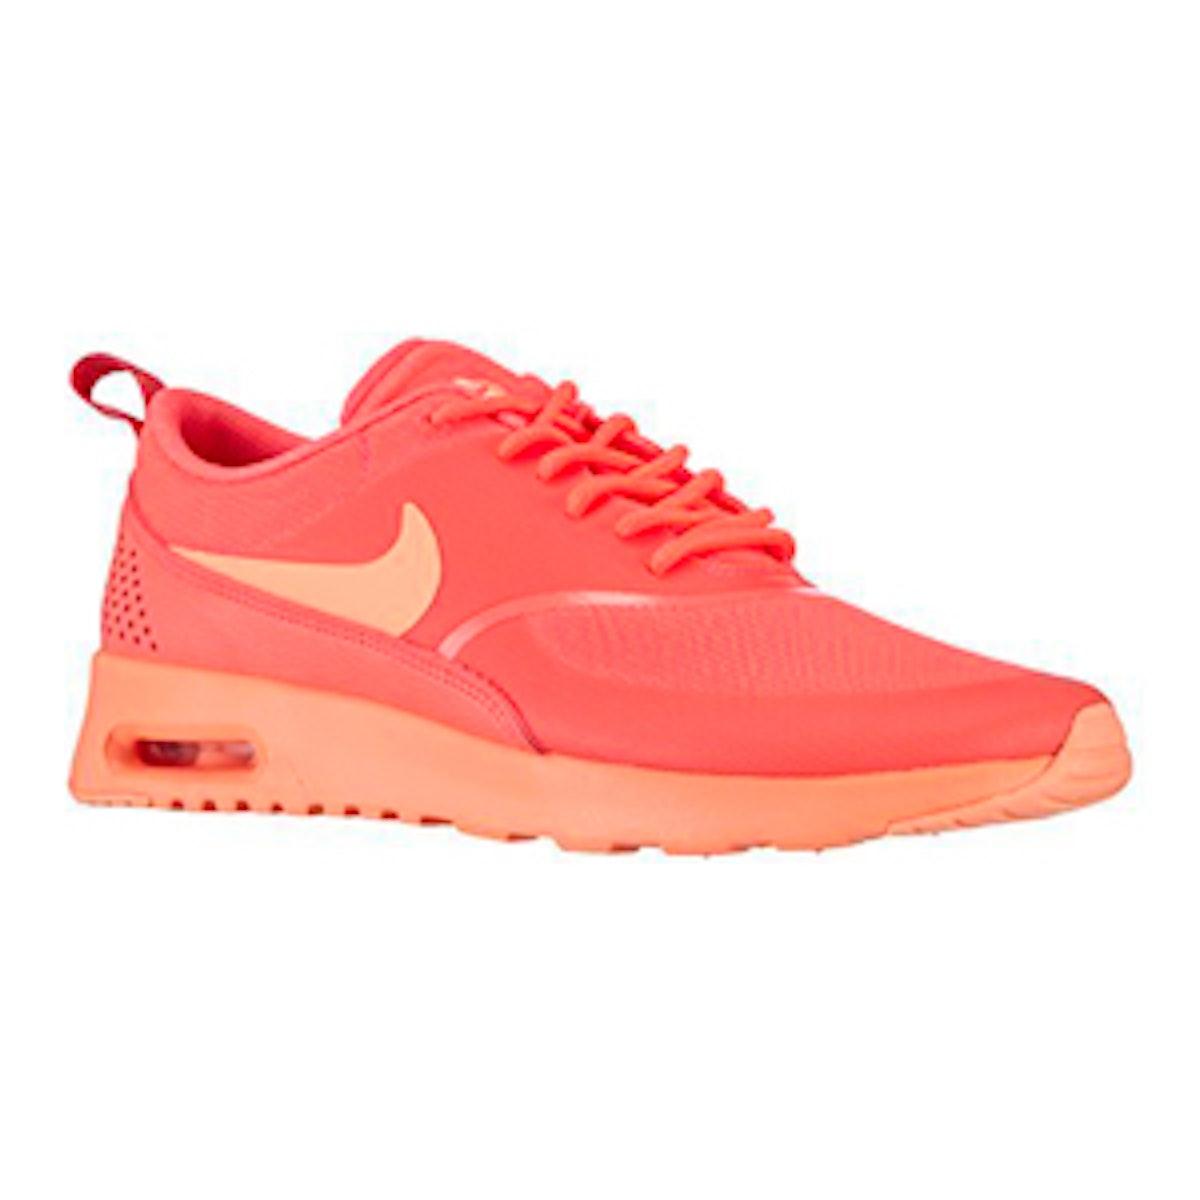 Air Max Sneakers